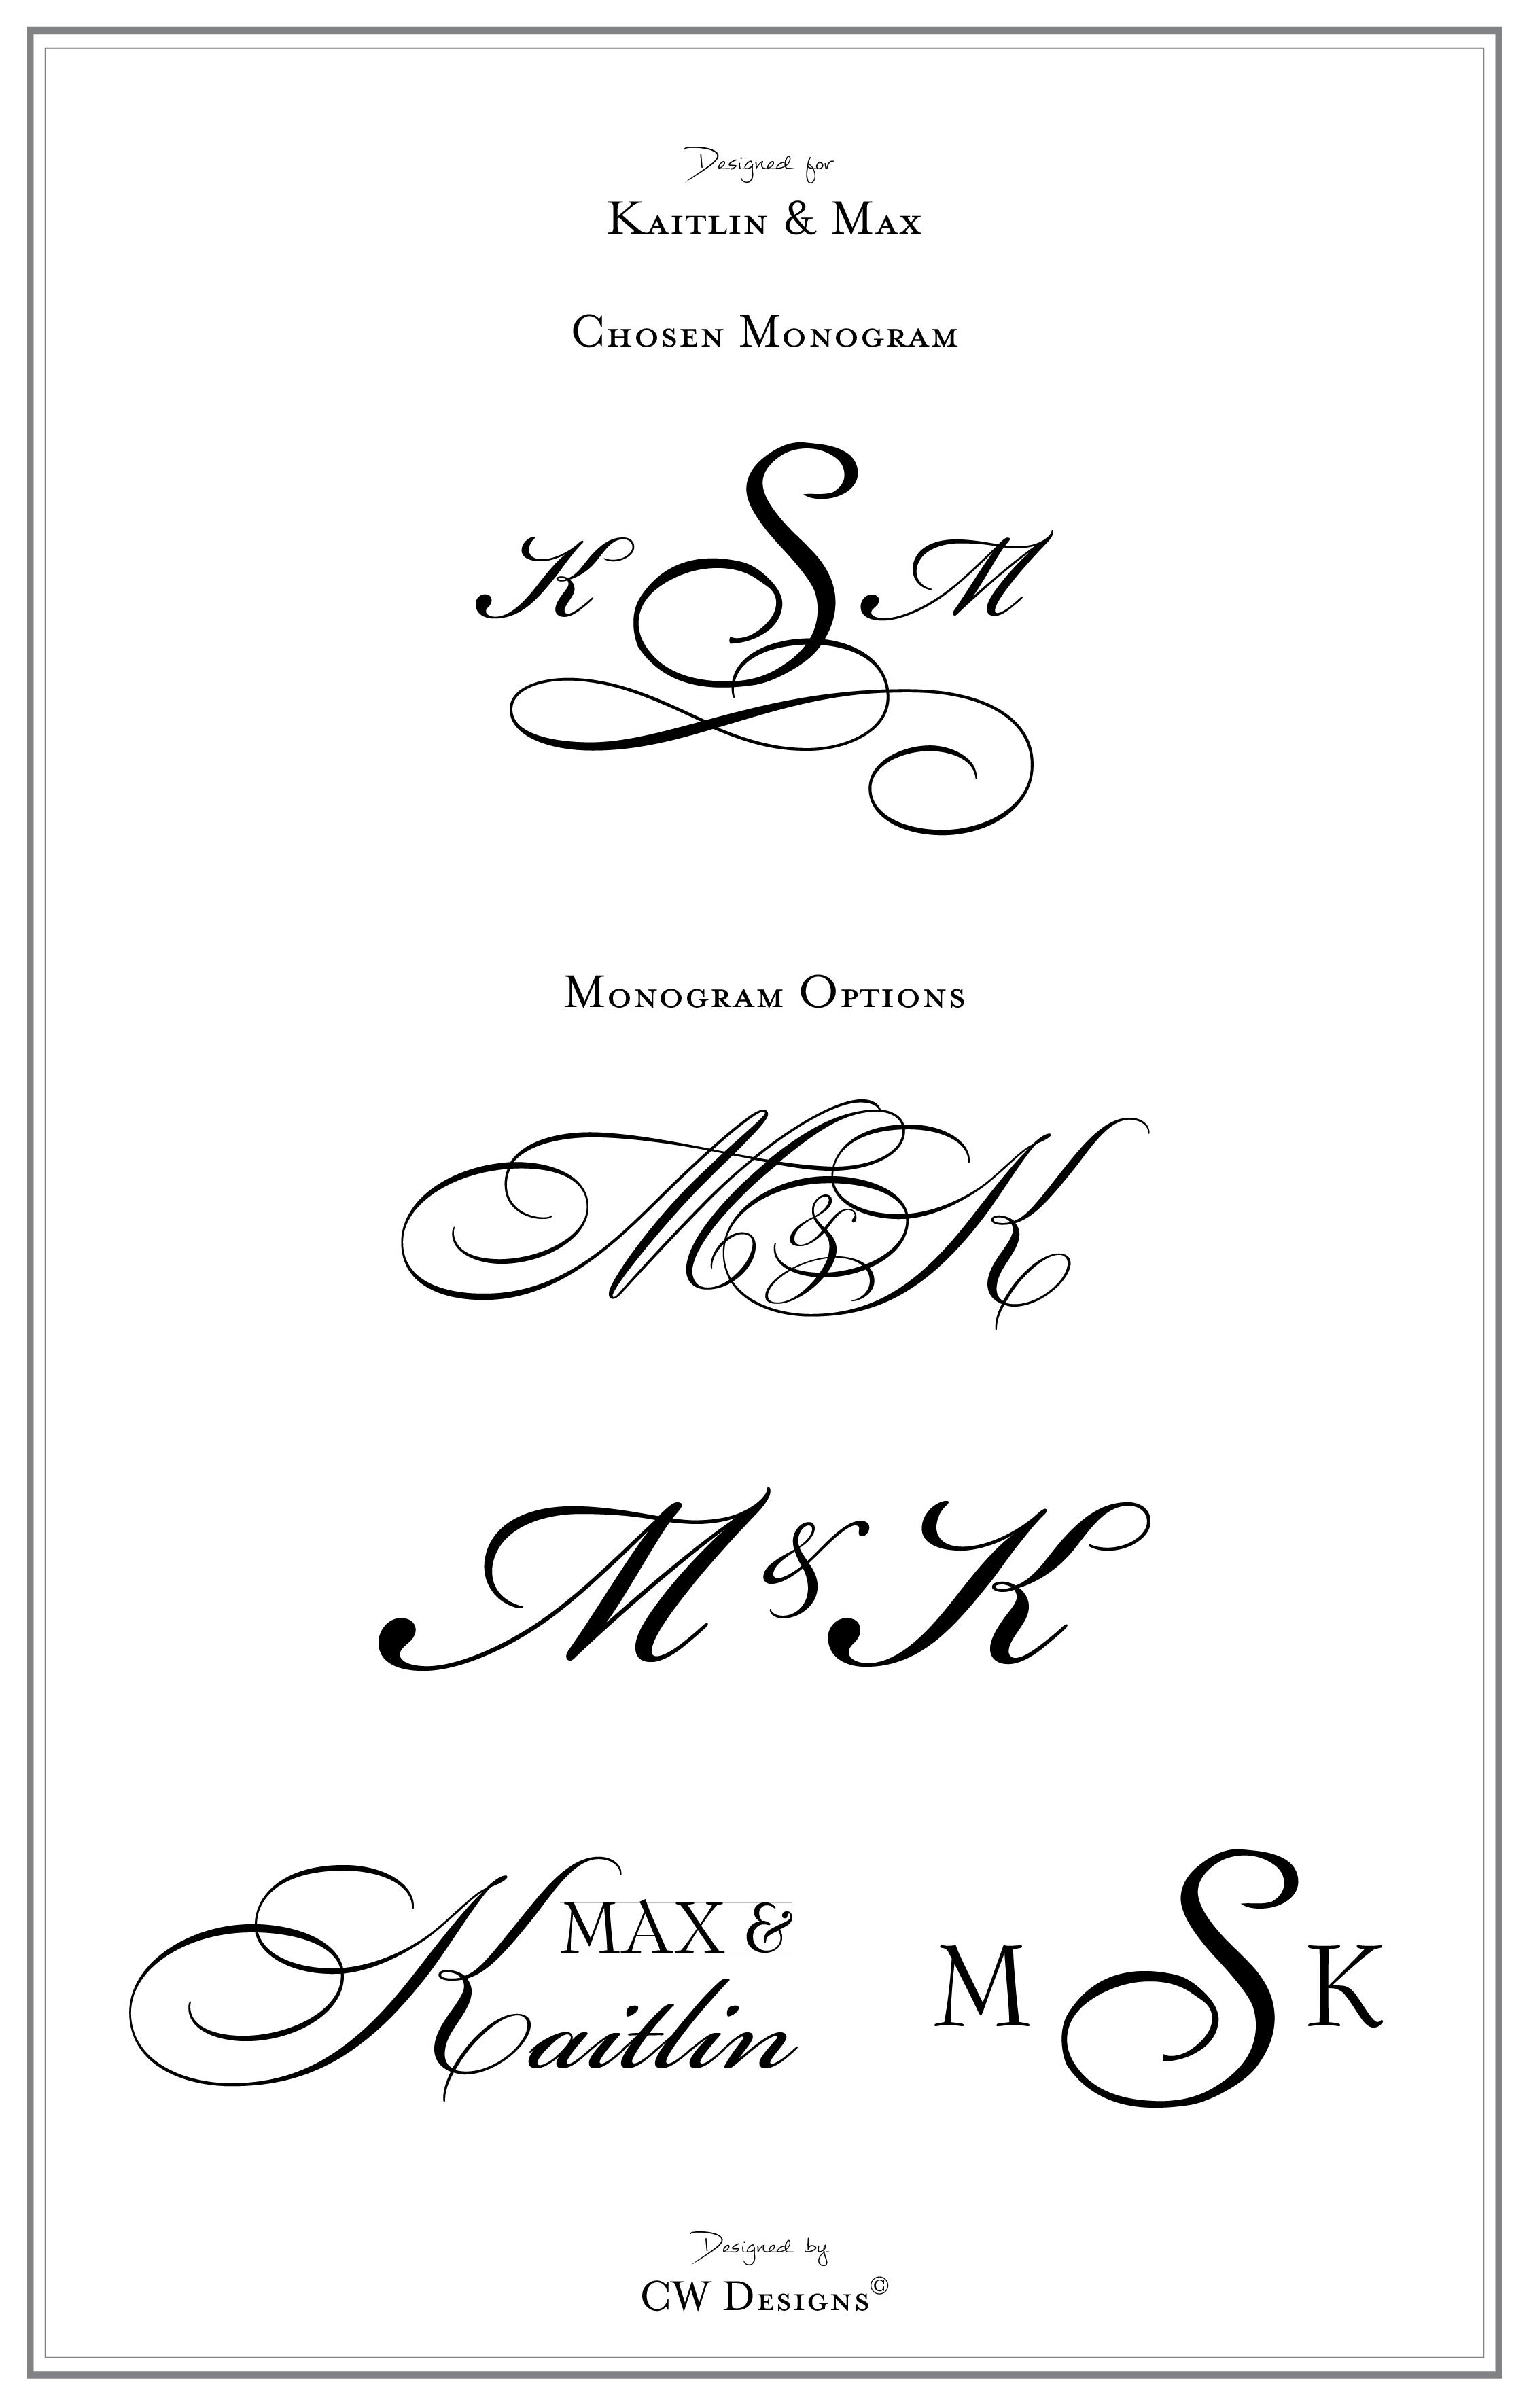 Kate & Max Monogram-01.png